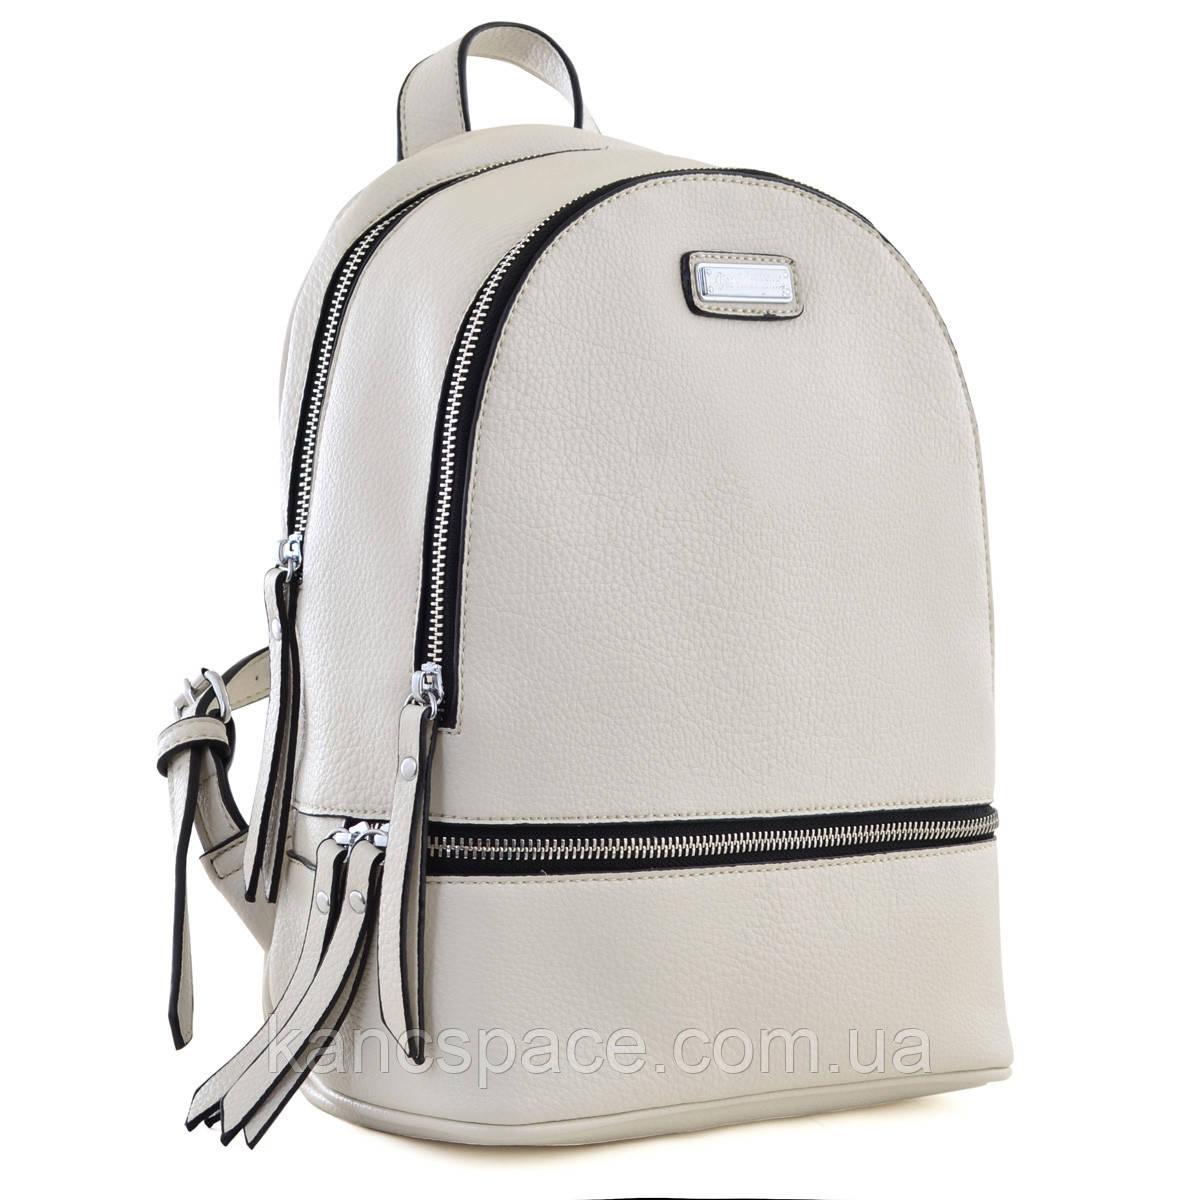 Рюкзак молодіжний  YW-22, 23*31*11, бежевий